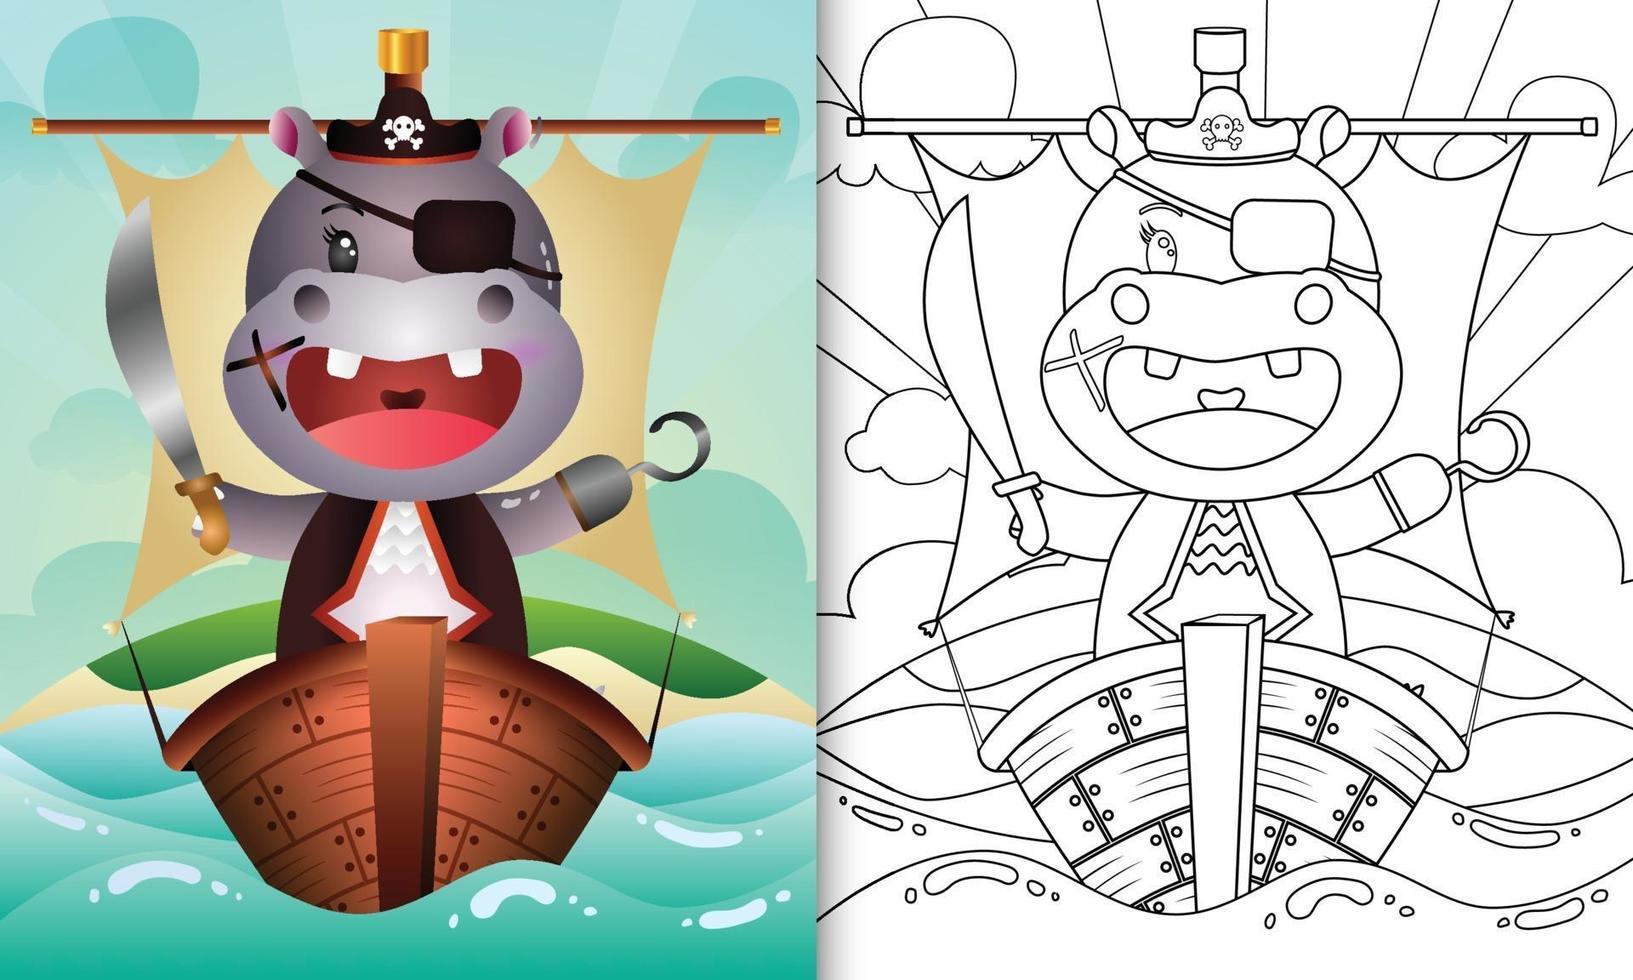 livre de coloriage pour les enfants avec une illustration de personnage mignon hippopotame pirate sur le navire vecteur